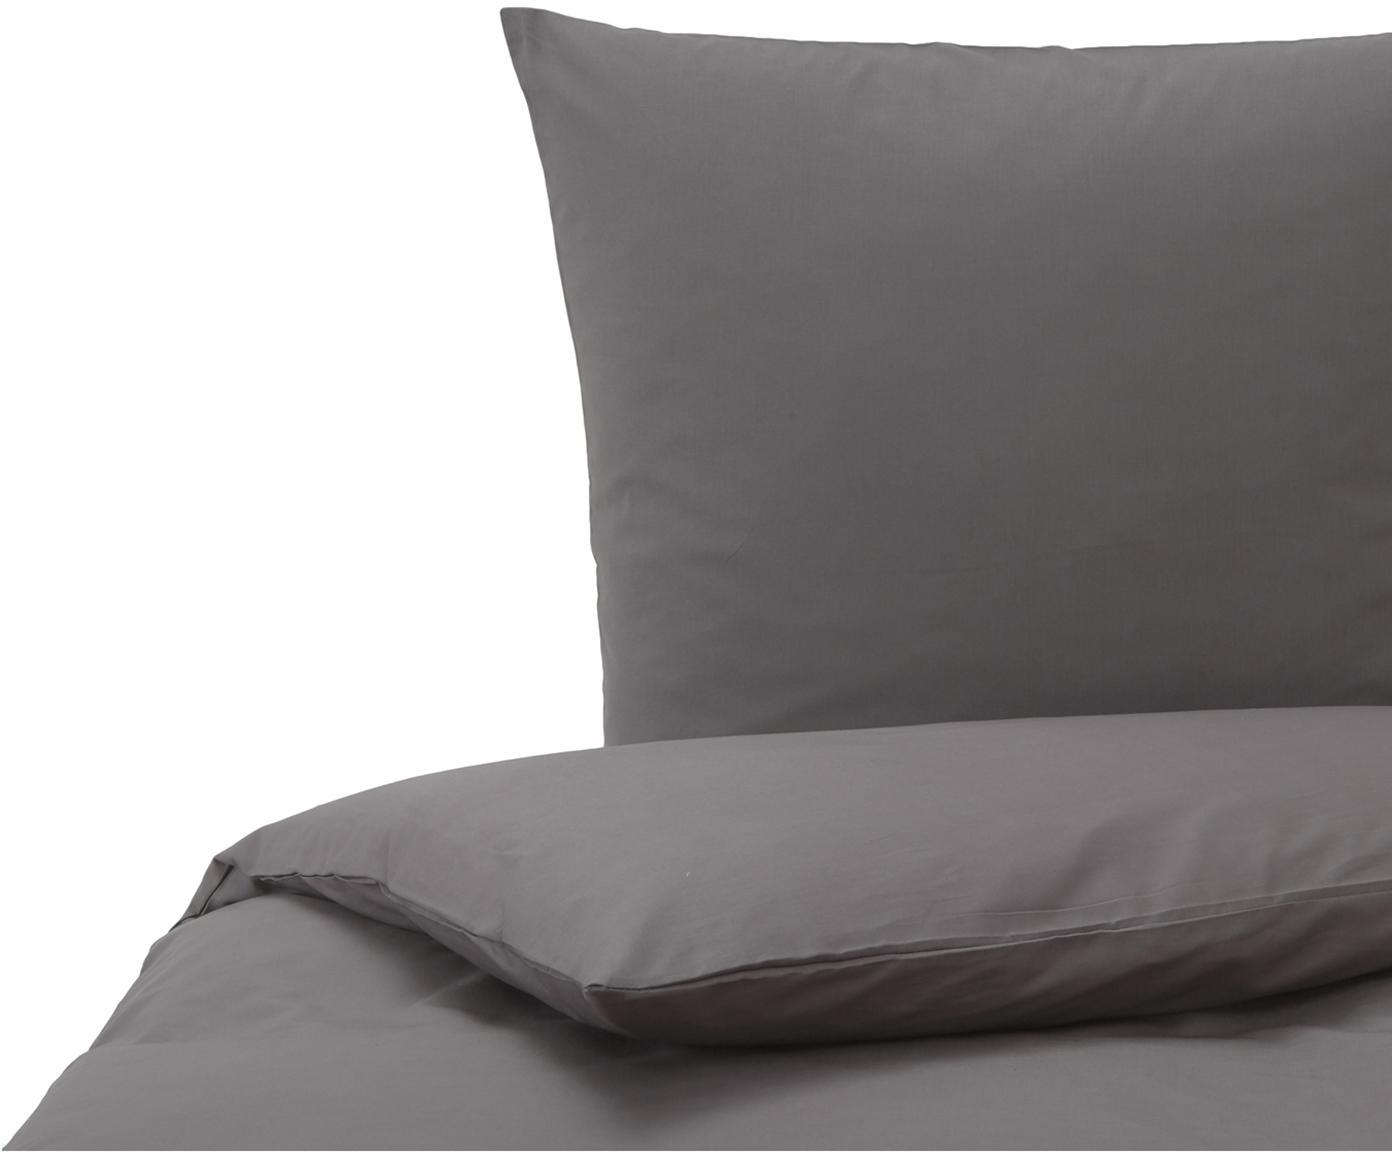 Baumwoll-Bettwäsche Weekend in Anthrazit, 100% Baumwolle Bettwäsche aus Baumwolle fühlt sich auf der Haut angenehm weich an, nimmt Feuchtigkeit gut auf und eignet sich für Allergiker., Anthrazit, 135 x 200 cm + 1 Kissen 80 x 80 cm